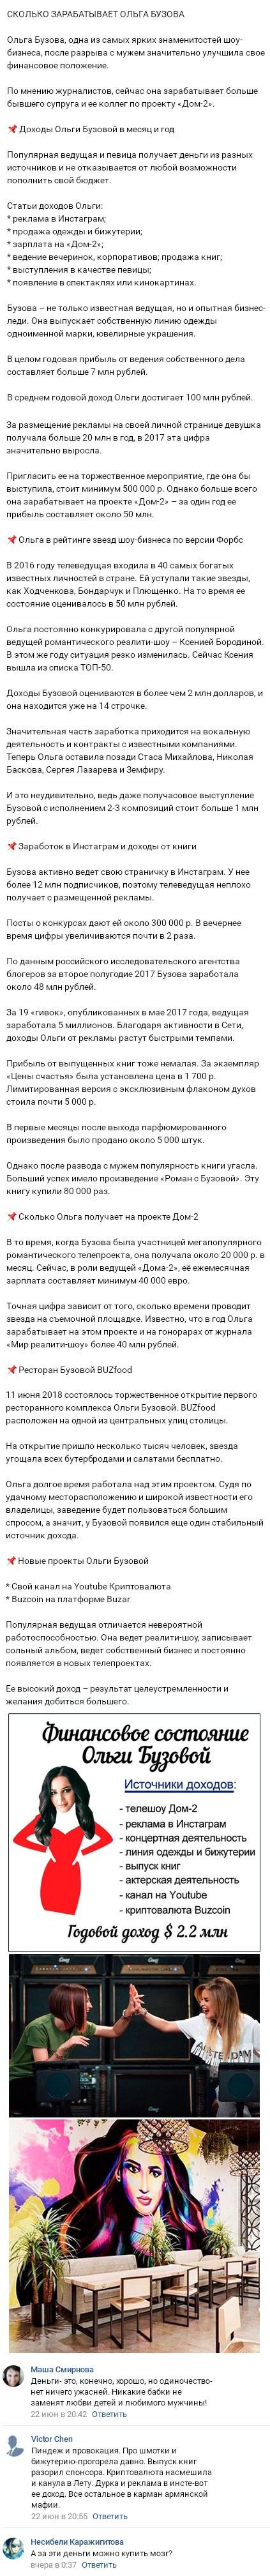 Сравнение заработков Ольги Бузовой и Ксении Бородиной